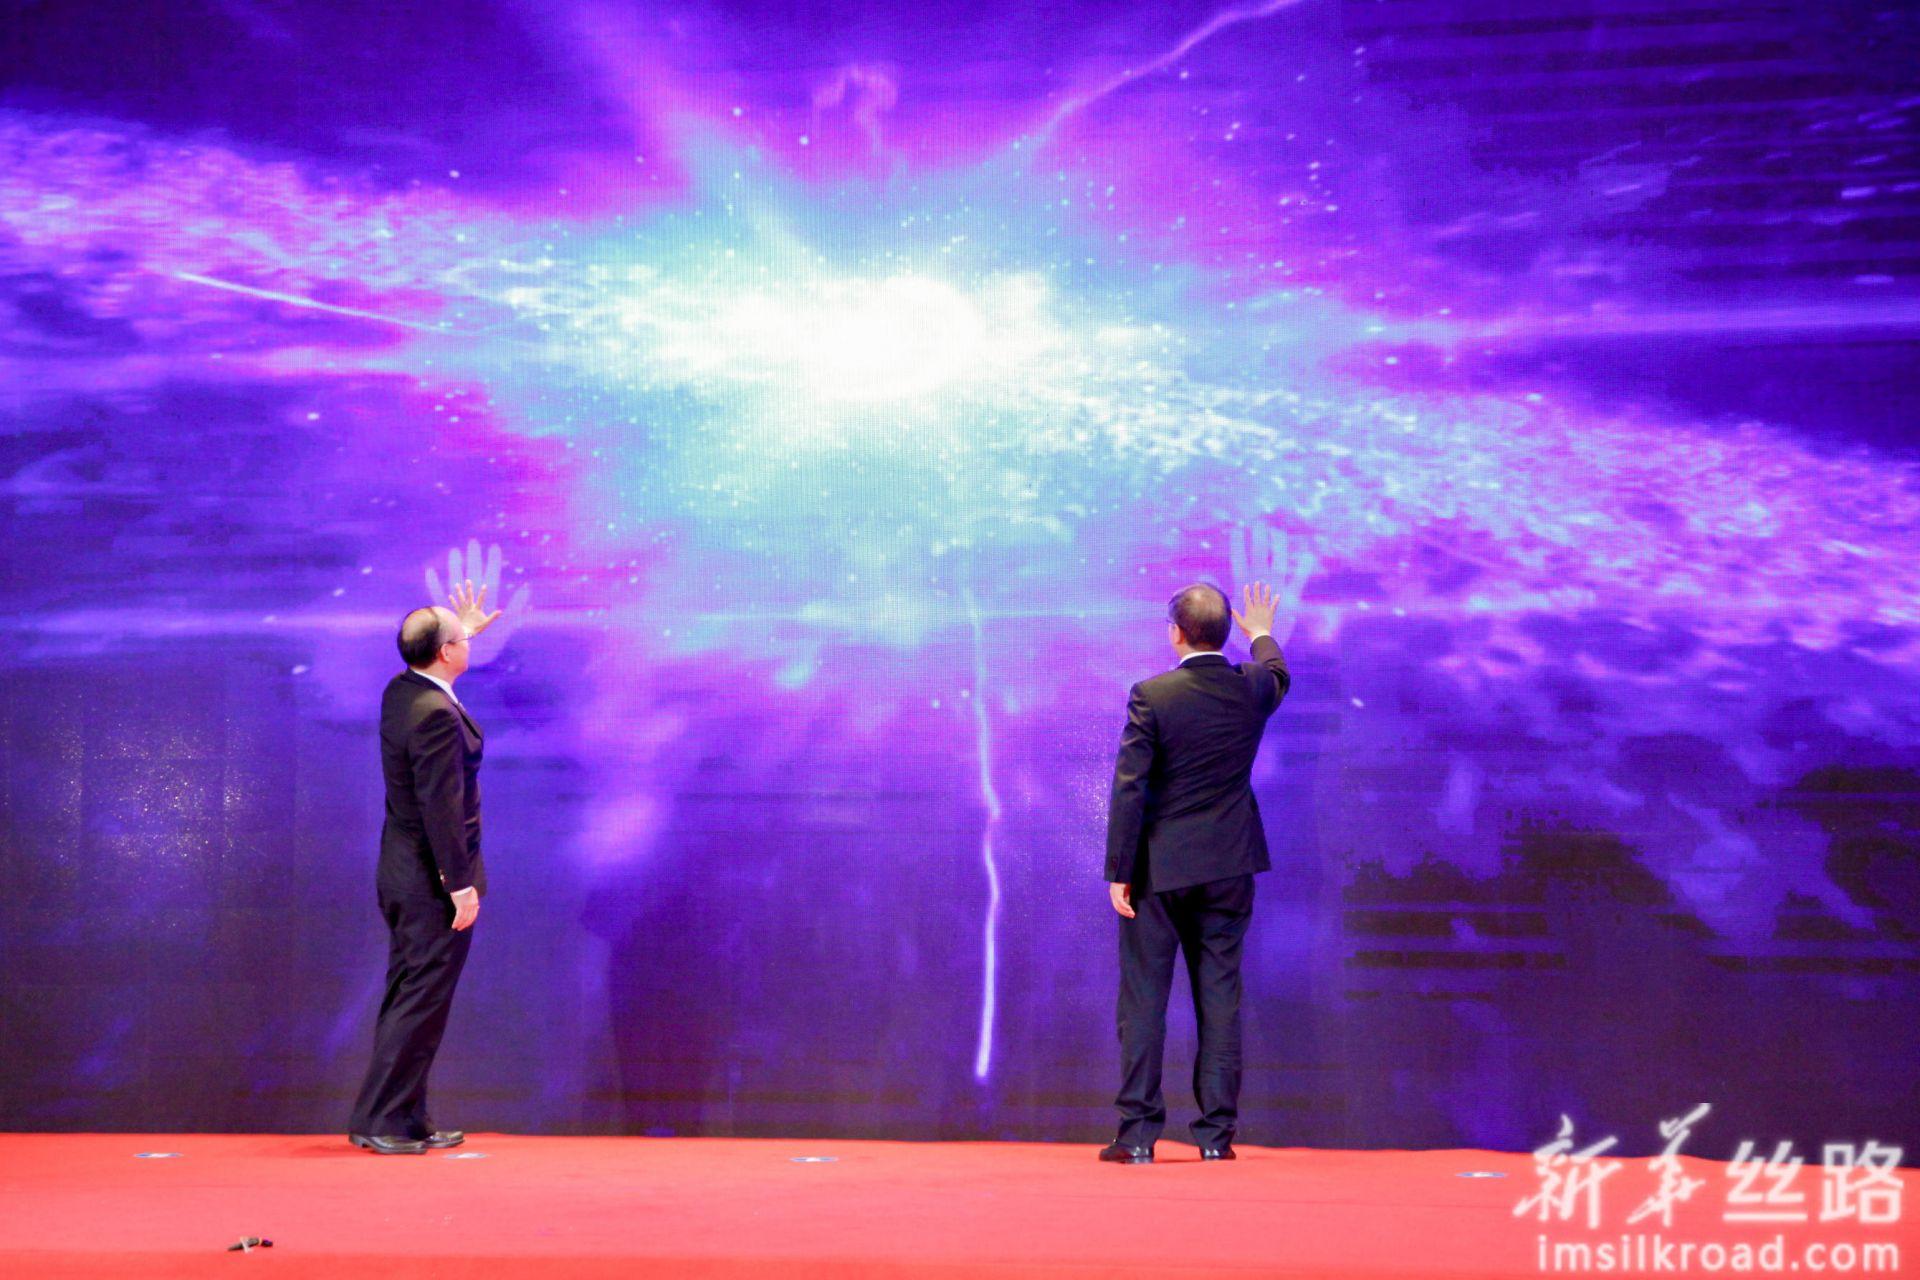 陈建安副会长、刘可为副主席共同启动中阿商事法律服务平台。